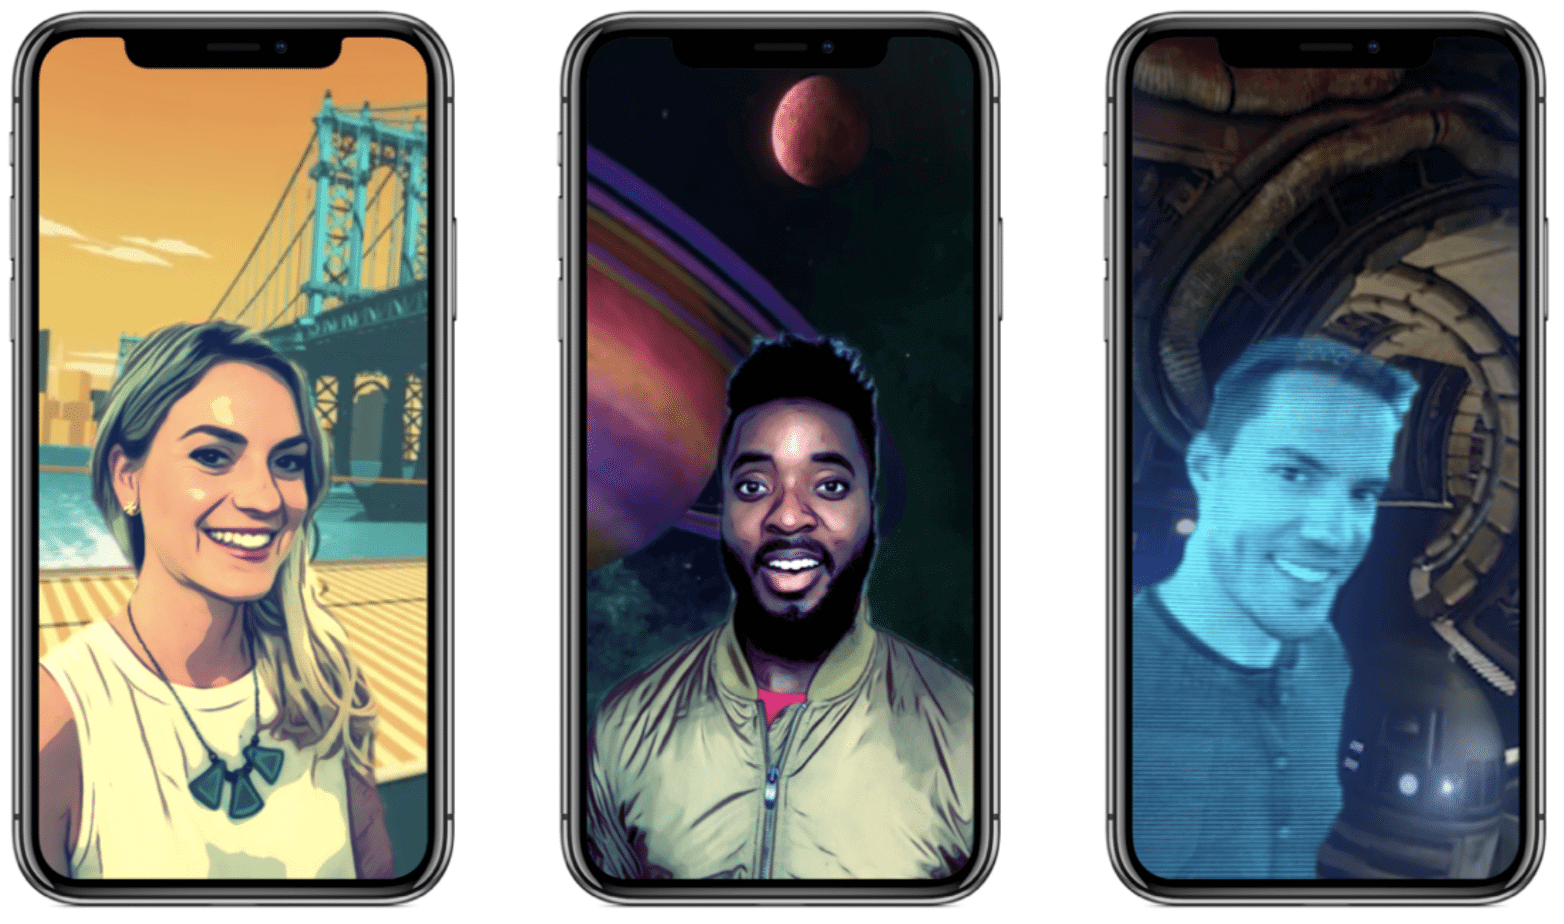 Clips, da Apple, ganha versão 2.0 com muitas novidades e suporte ao iPhone X